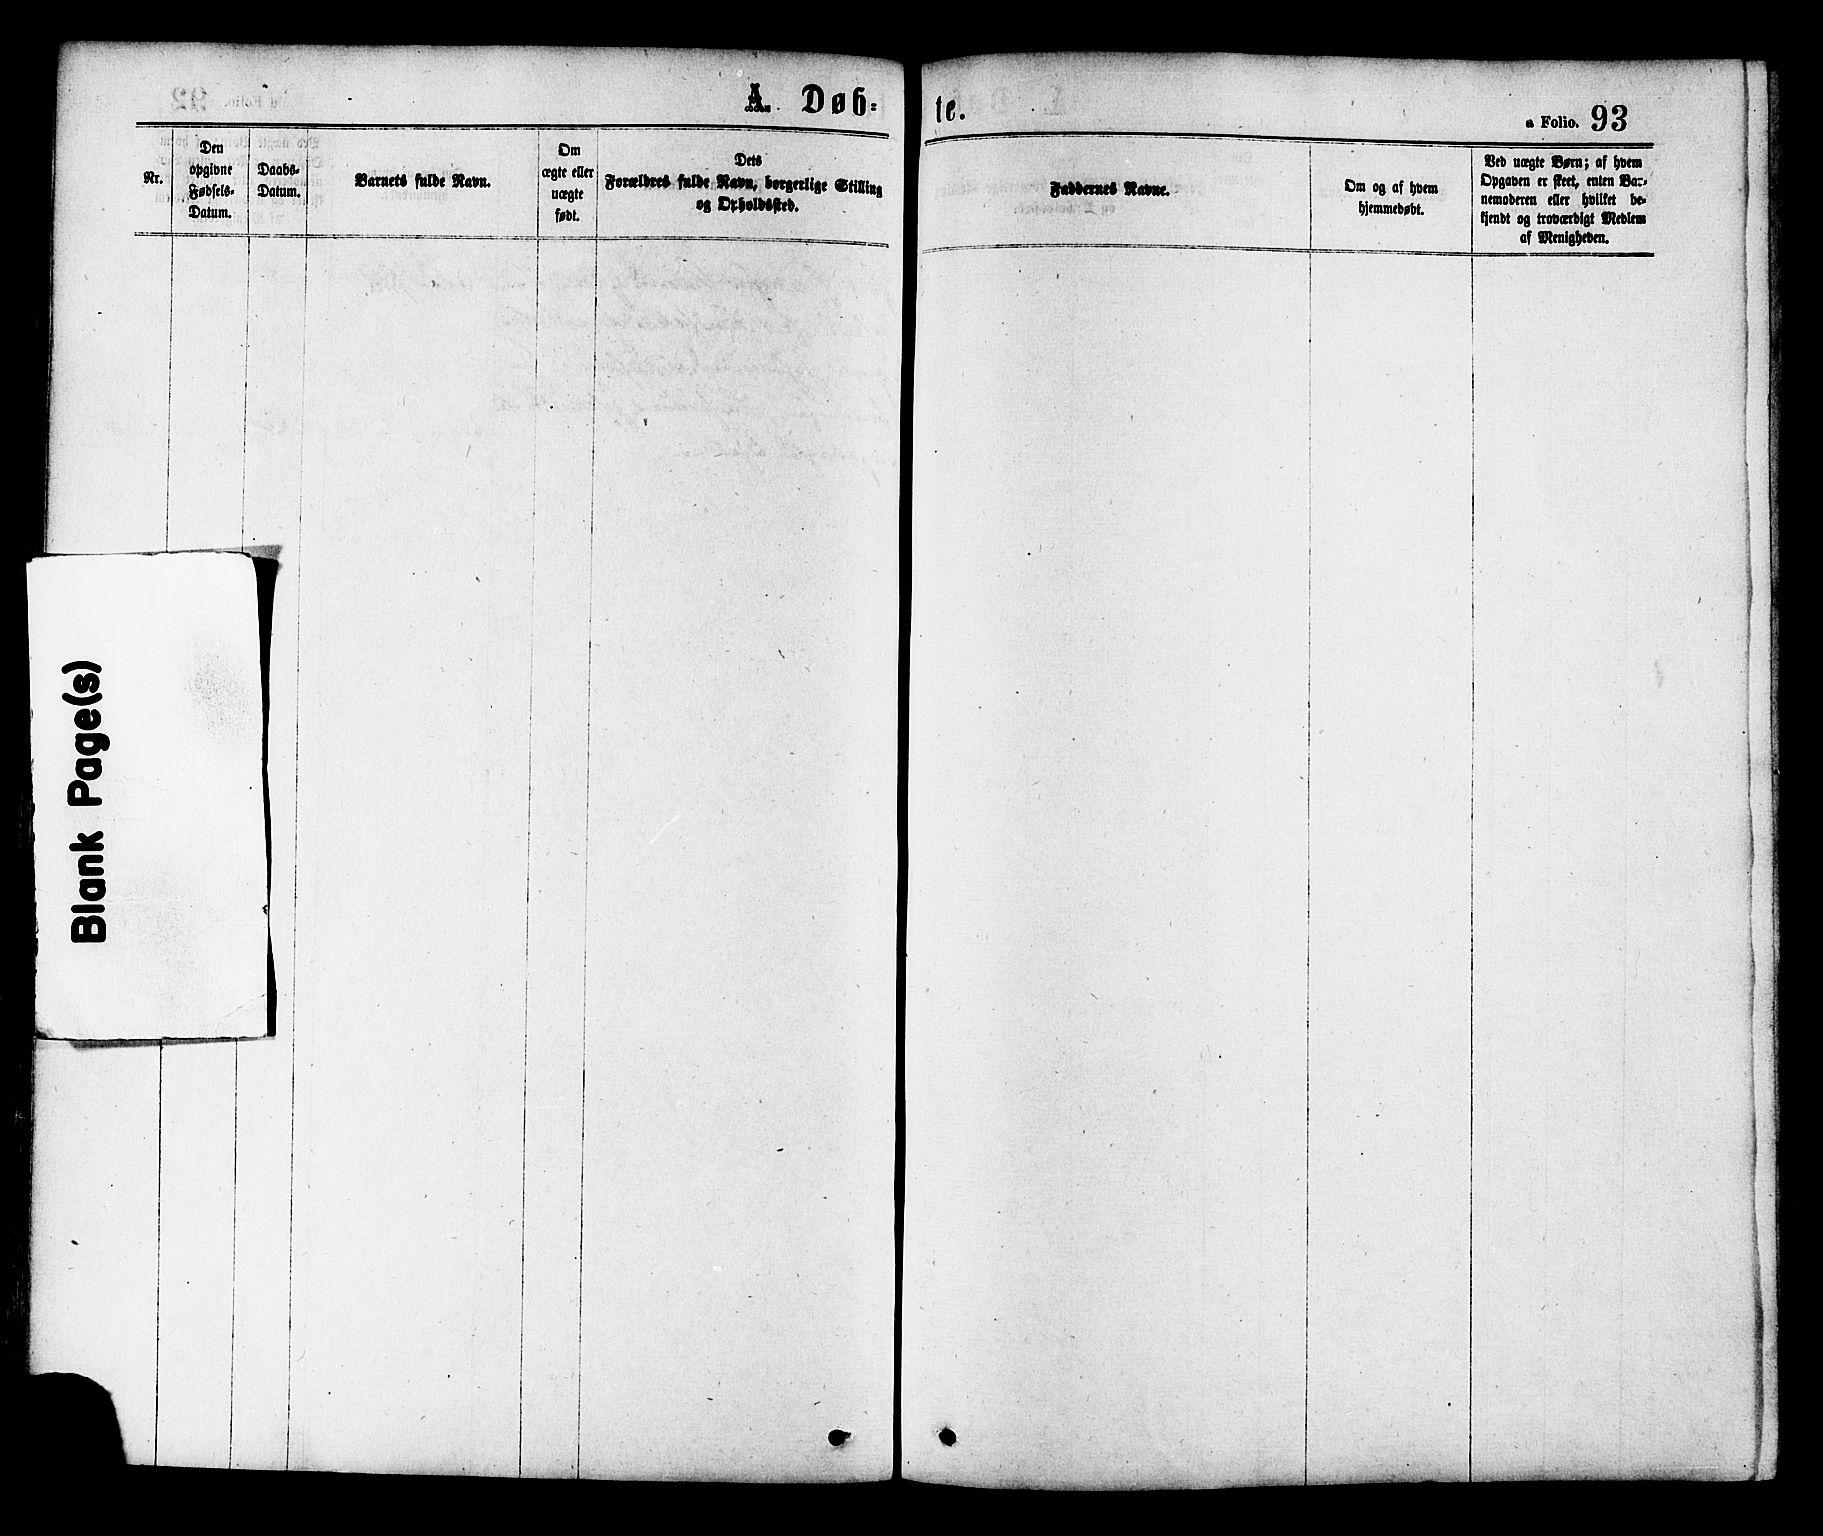 SAT, Ministerialprotokoller, klokkerbøker og fødselsregistre - Nord-Trøndelag, 758/L0516: Ministerialbok nr. 758A03 /3, 1869-1879, s. 93